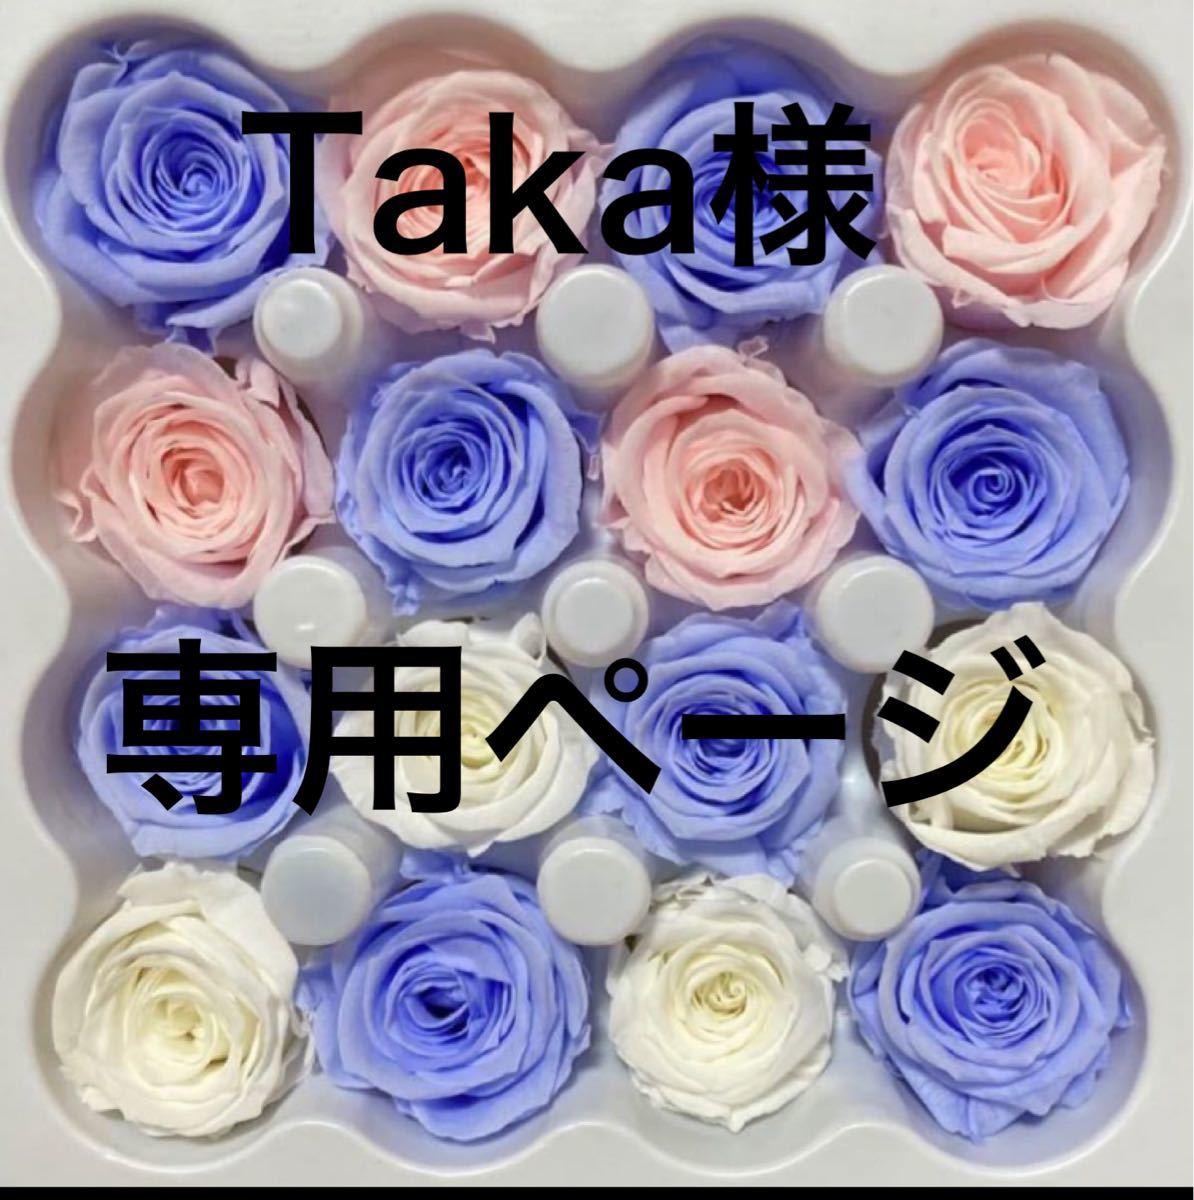 プリザーブドフラワー花材 VERMEILLEアヴァカラー アソート12輪 ハーバリウム花材、Taka様、専用ページ